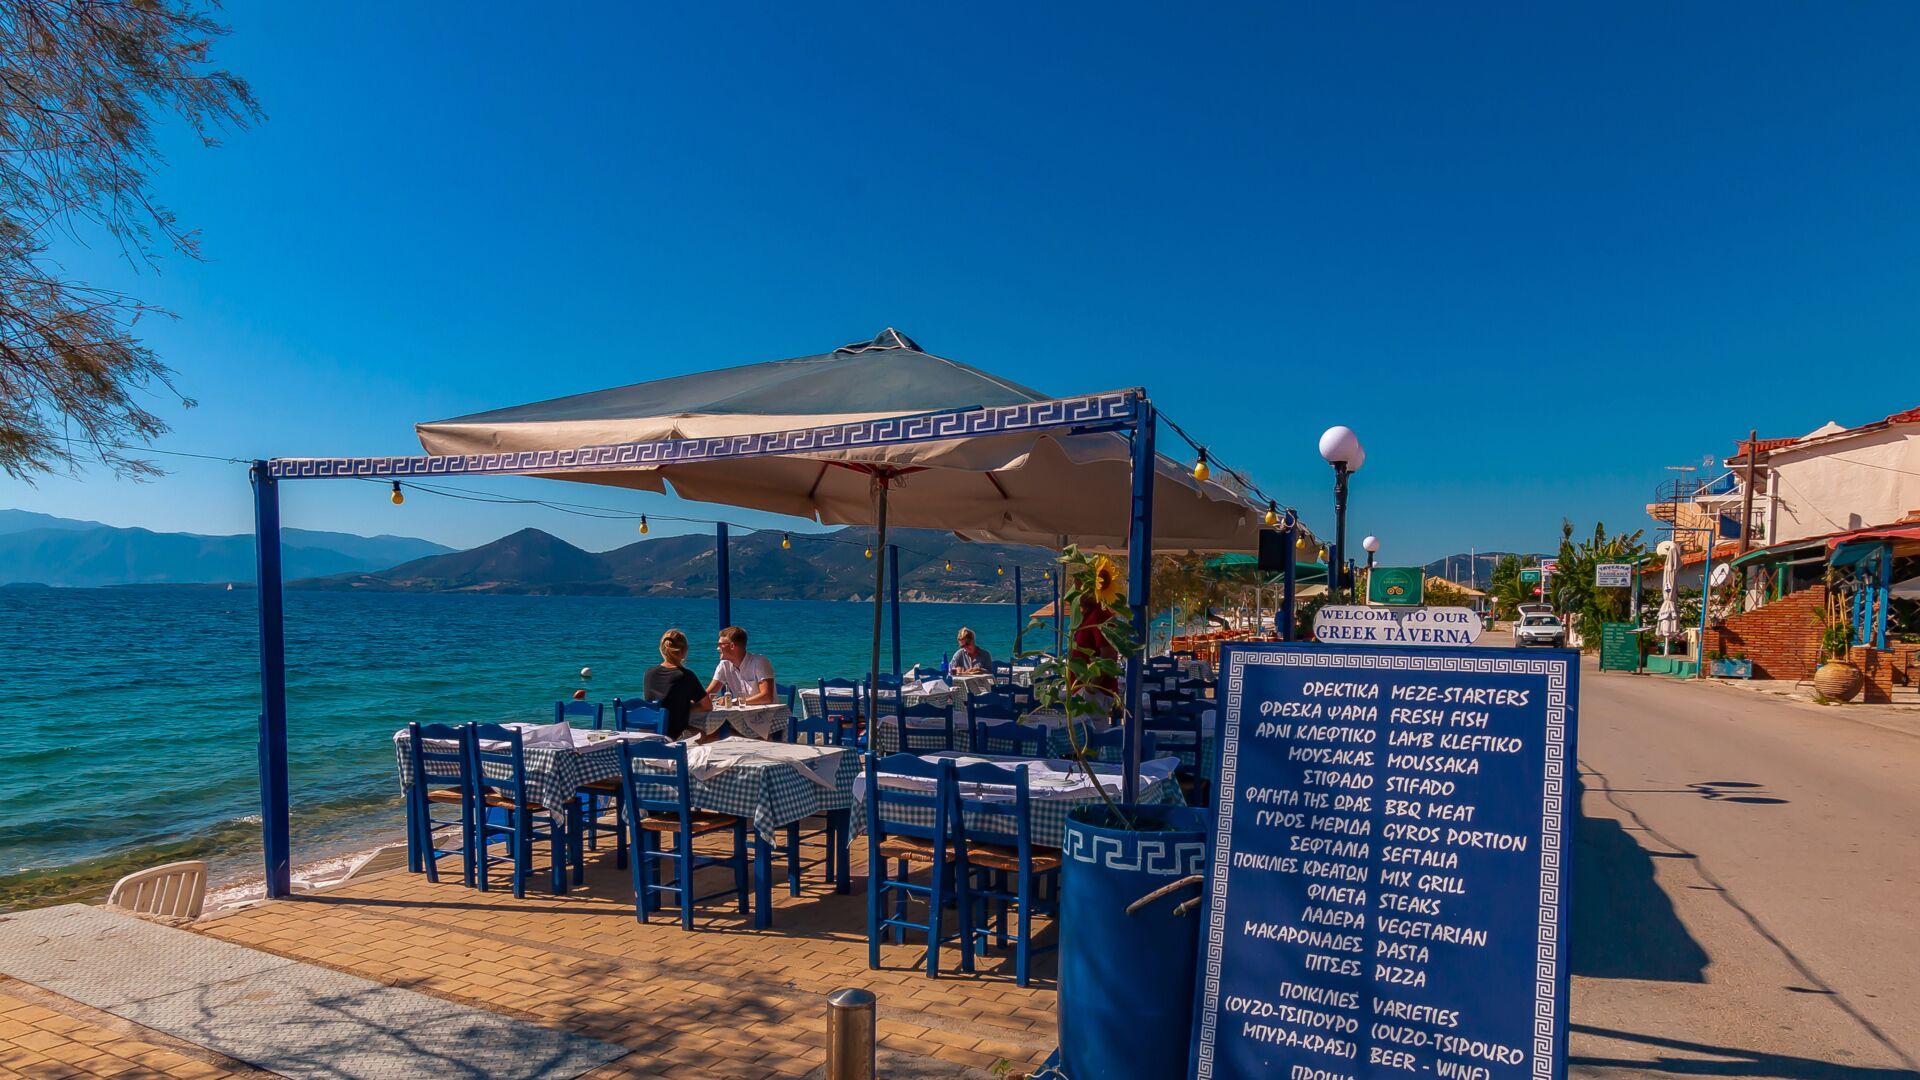 Grækenland er største rejsemål for danske Primo Tours. Charterrejsebureauet lancerer næste år Paleros på vestkysten af det græske fastland som nyt rejsemål med en ugentlig flyvning fra Billund Lufthavn med Atlantic Airways. Pressefoto via Primo Tours.